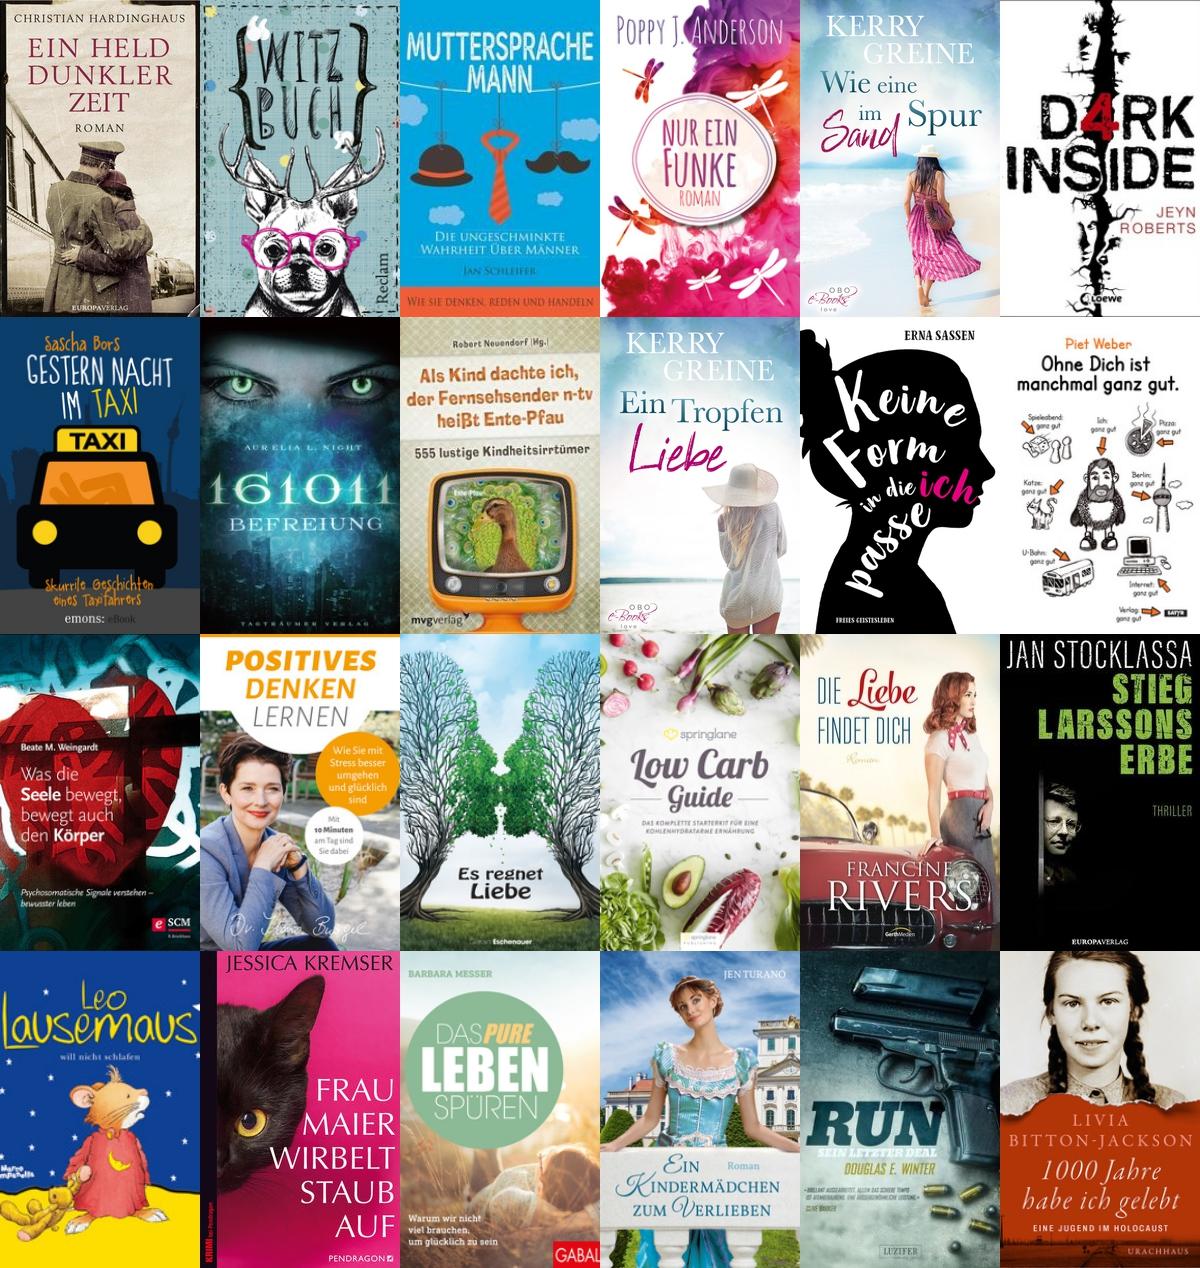 Die 24 besten Bücher 2018